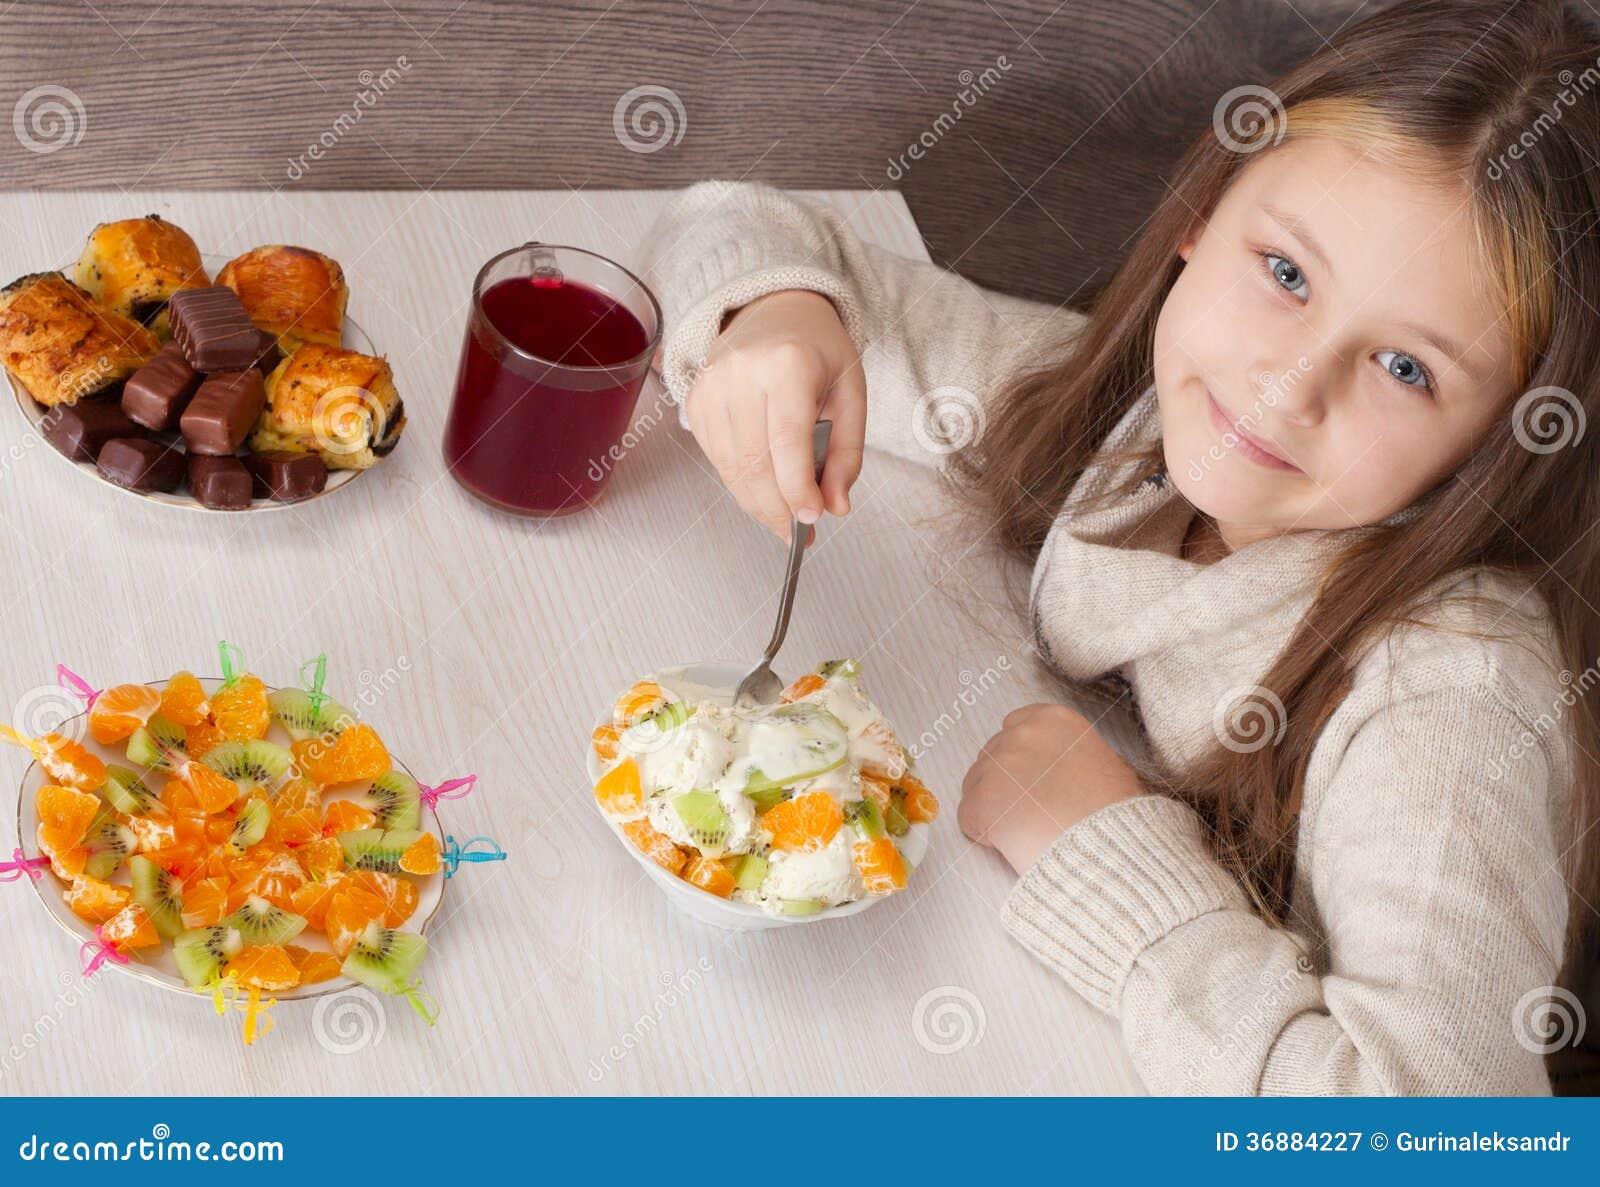 Download Bella Bambina Che Mangia Frutta Immagine Stock - Immagine di gioia, frutta: 36884227